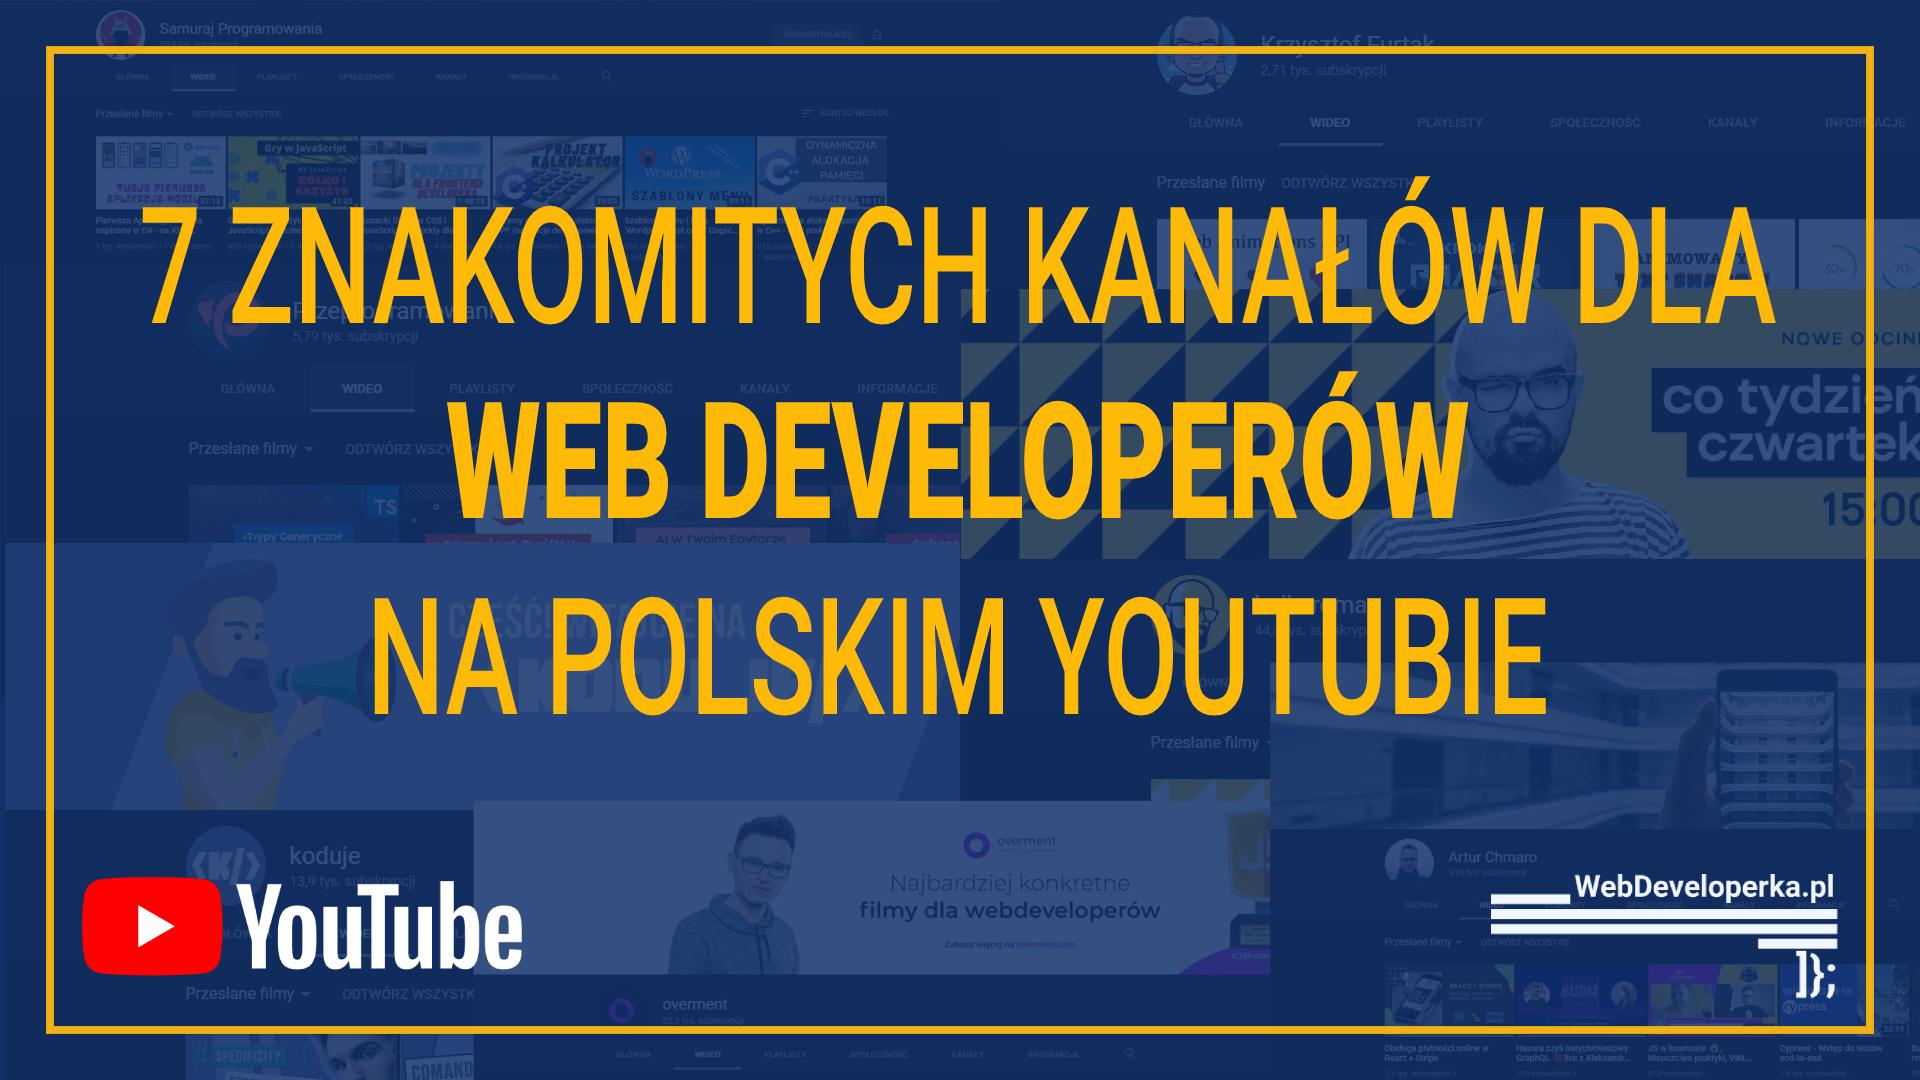 7 znakomitych kanałów dla Web Developerów na polskim YouTubie